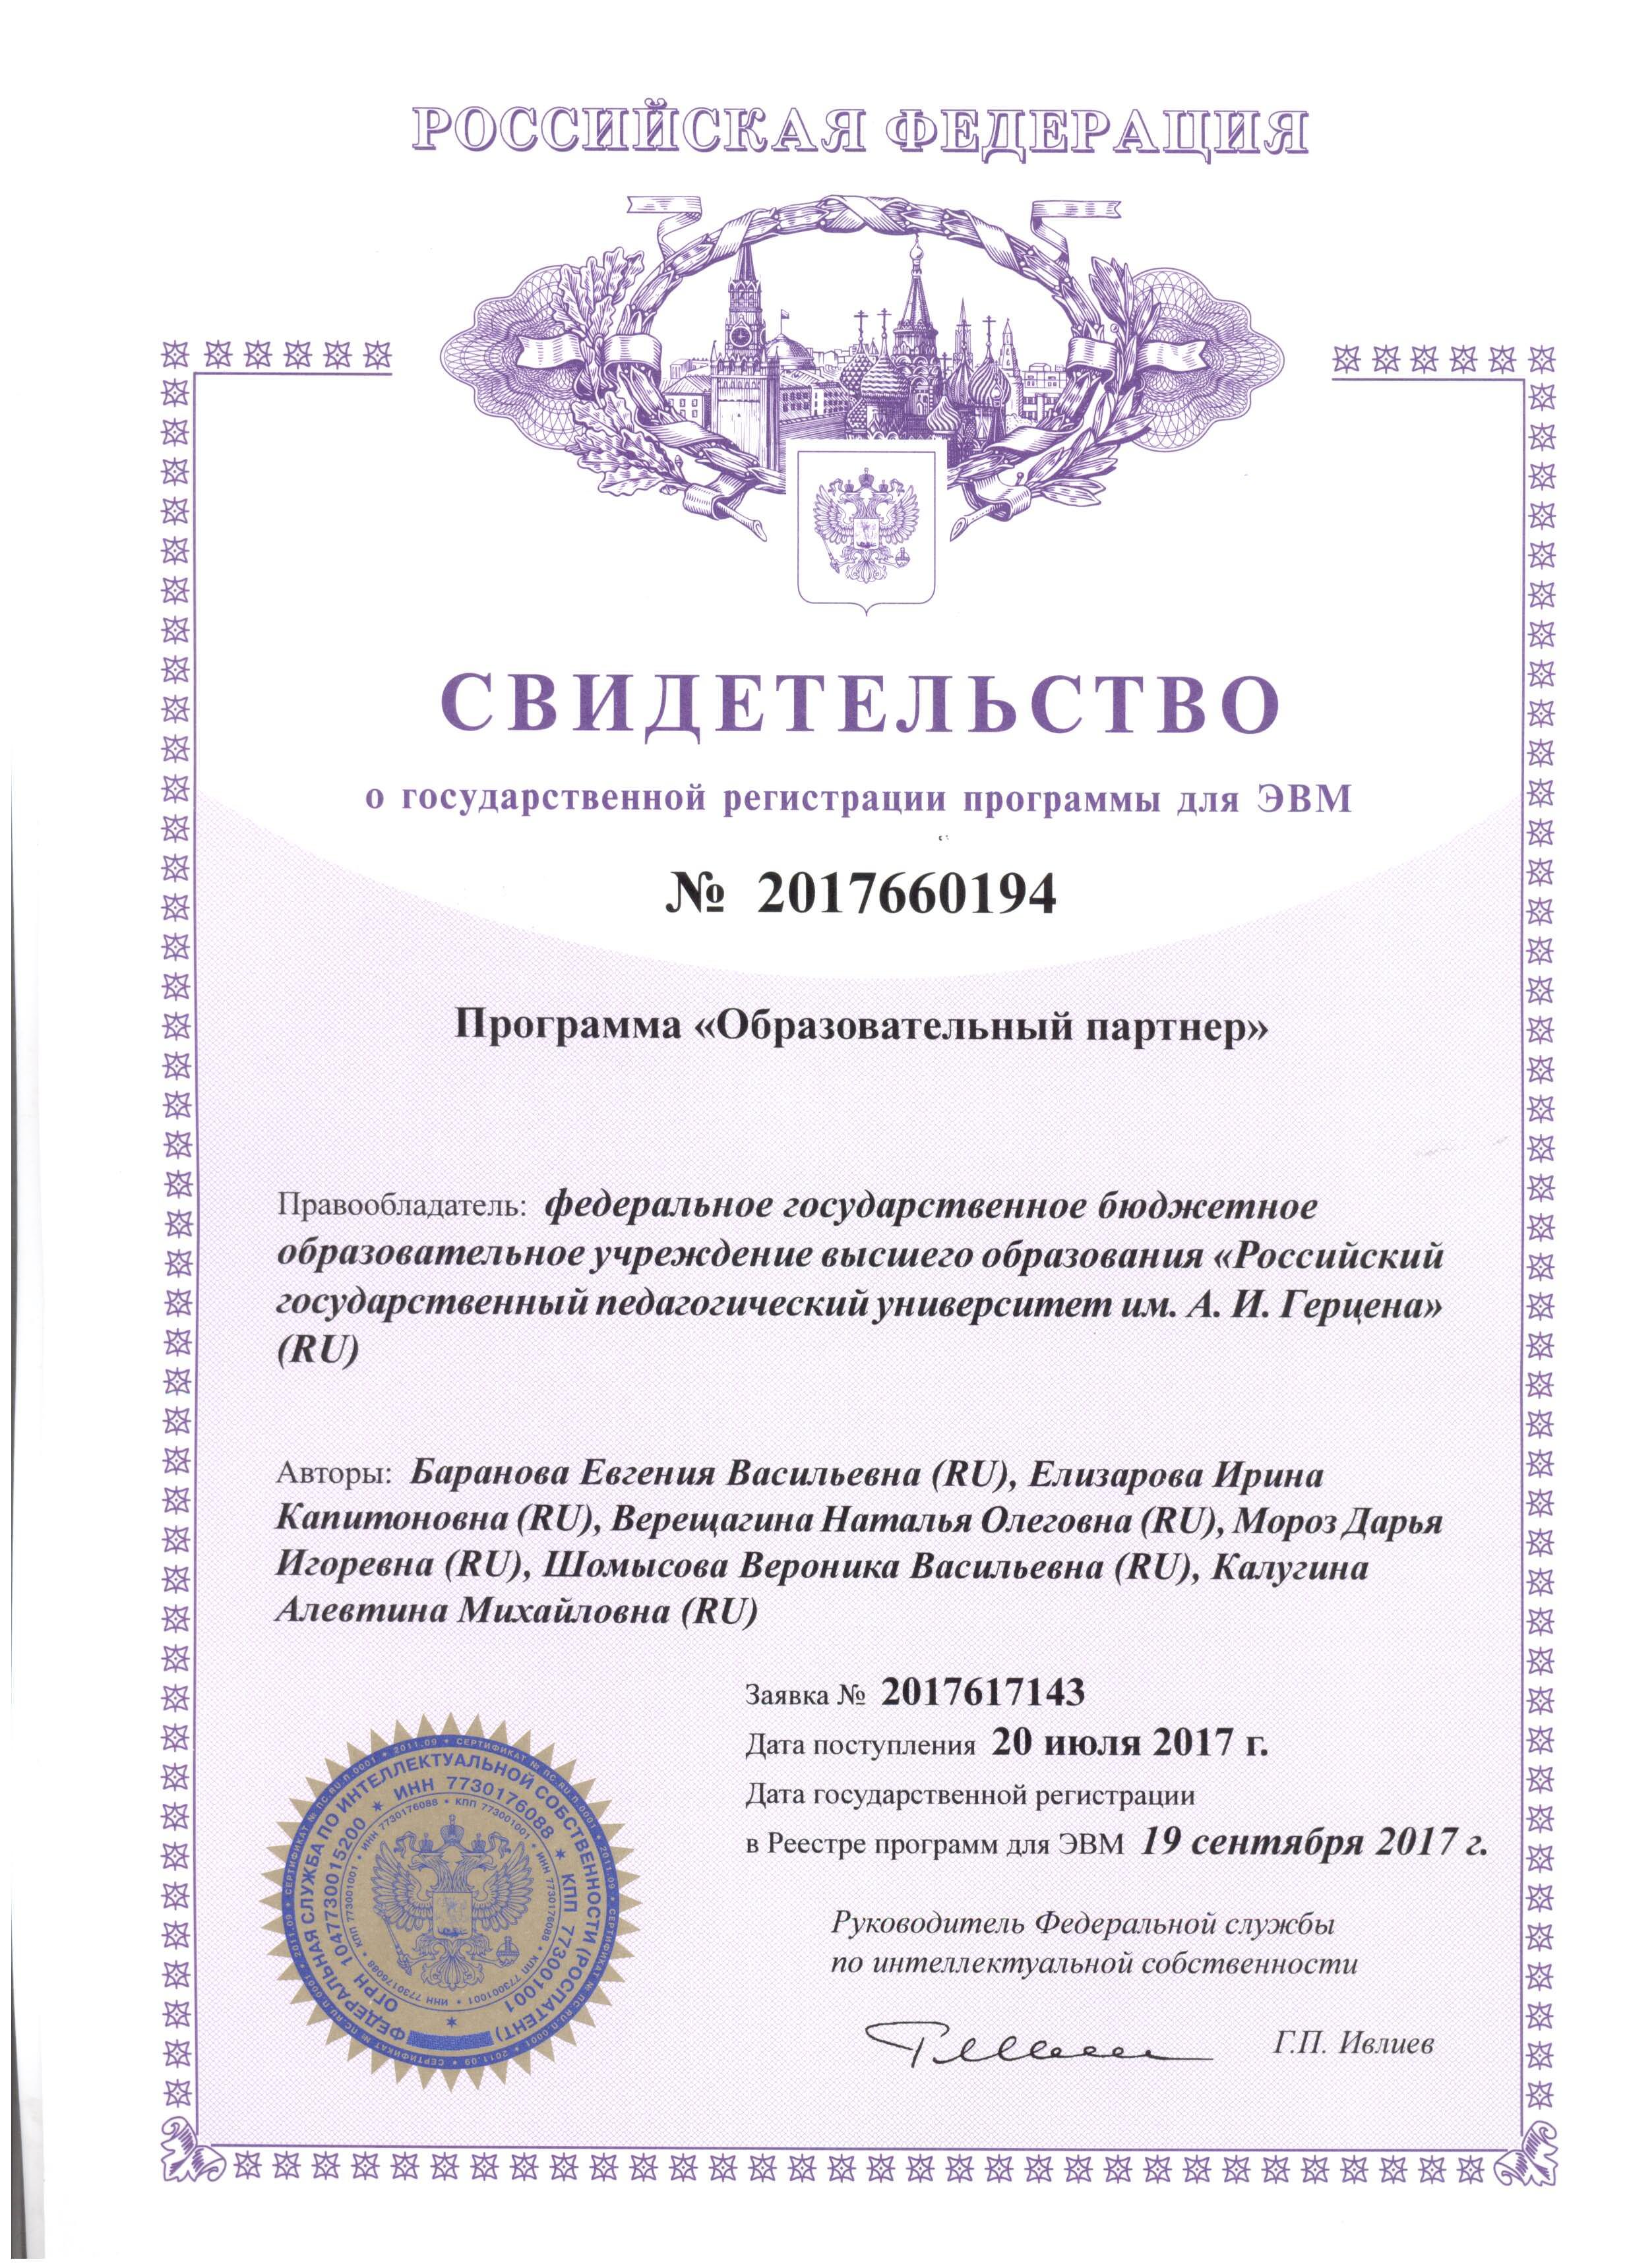 Свидетельства о государственной регистрации программ